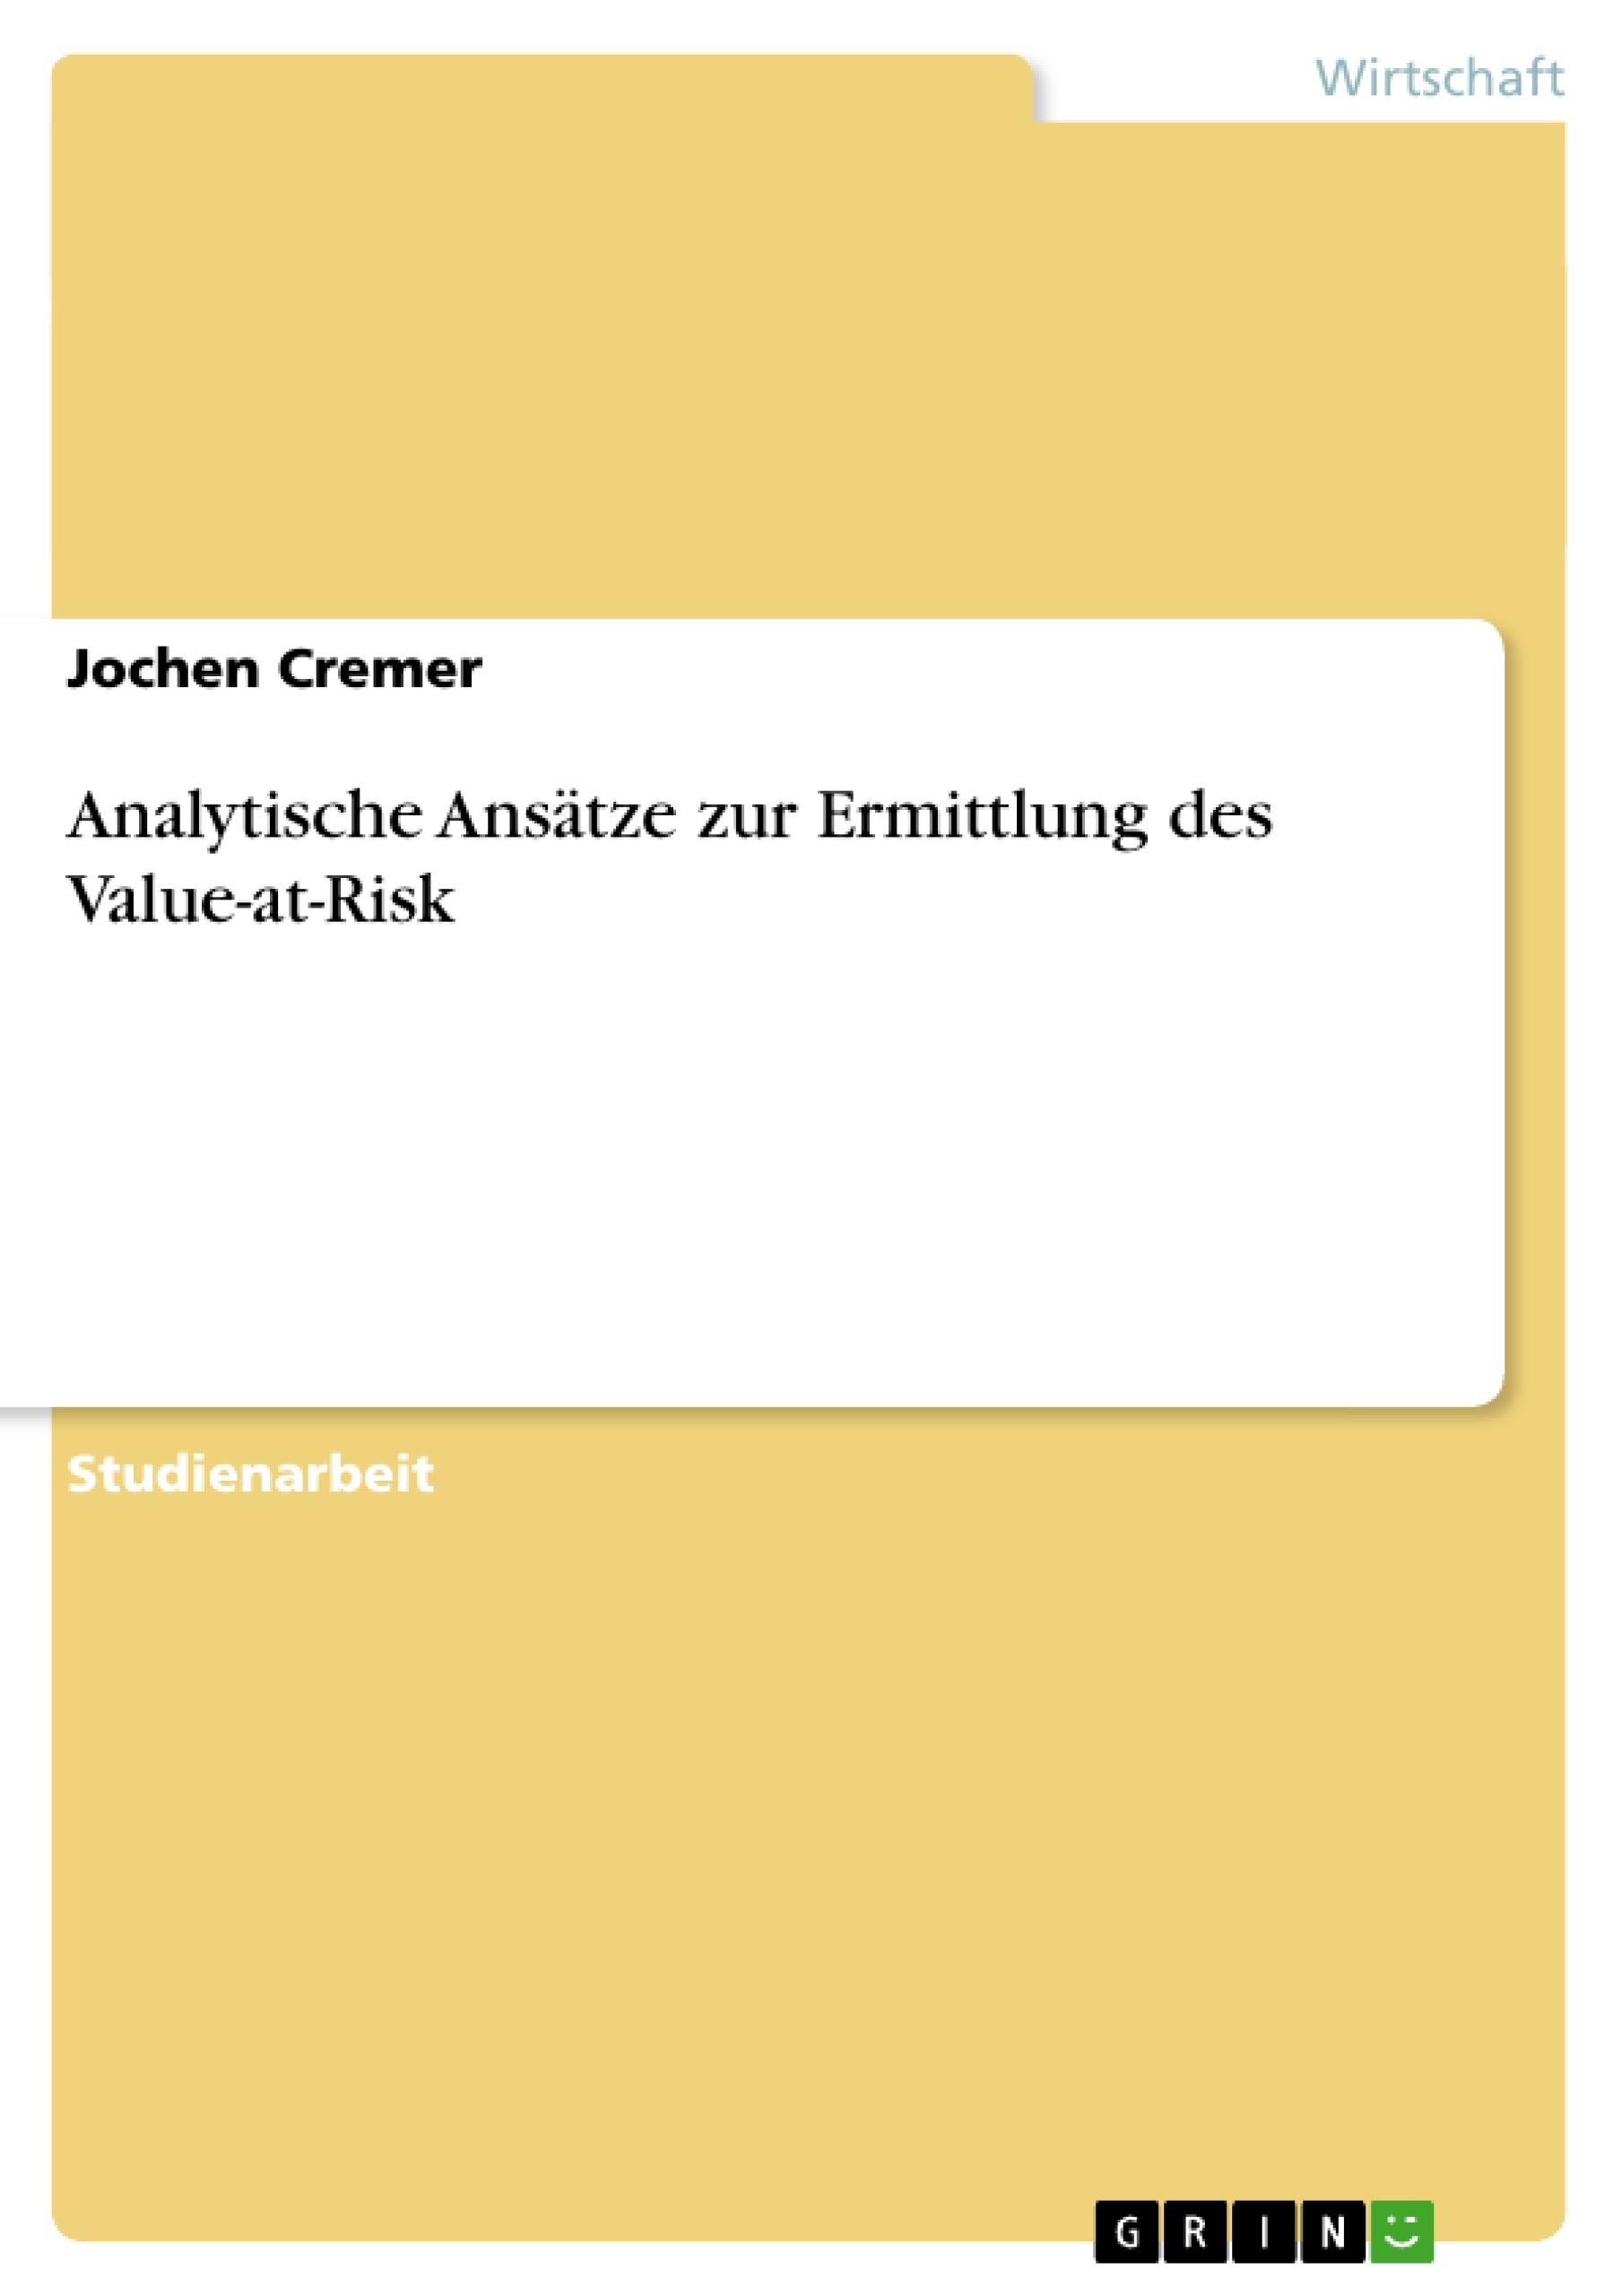 Titel: Analytische Ansätze zur Ermittlung des Value-at-Risk